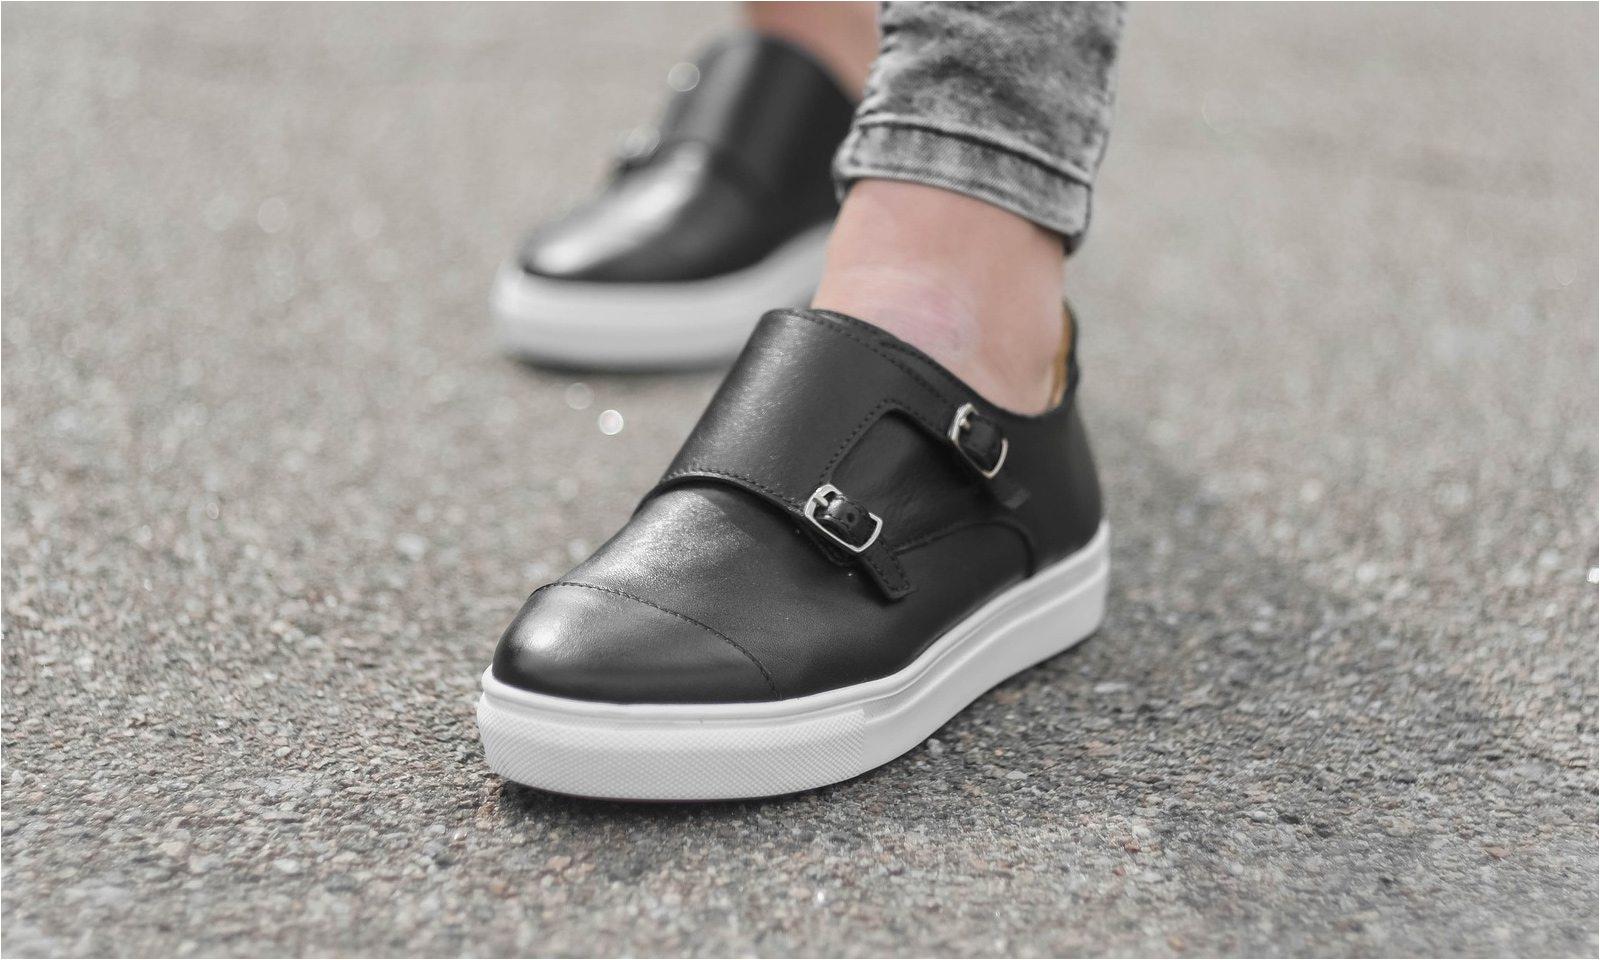 best kitchen shoes jpg